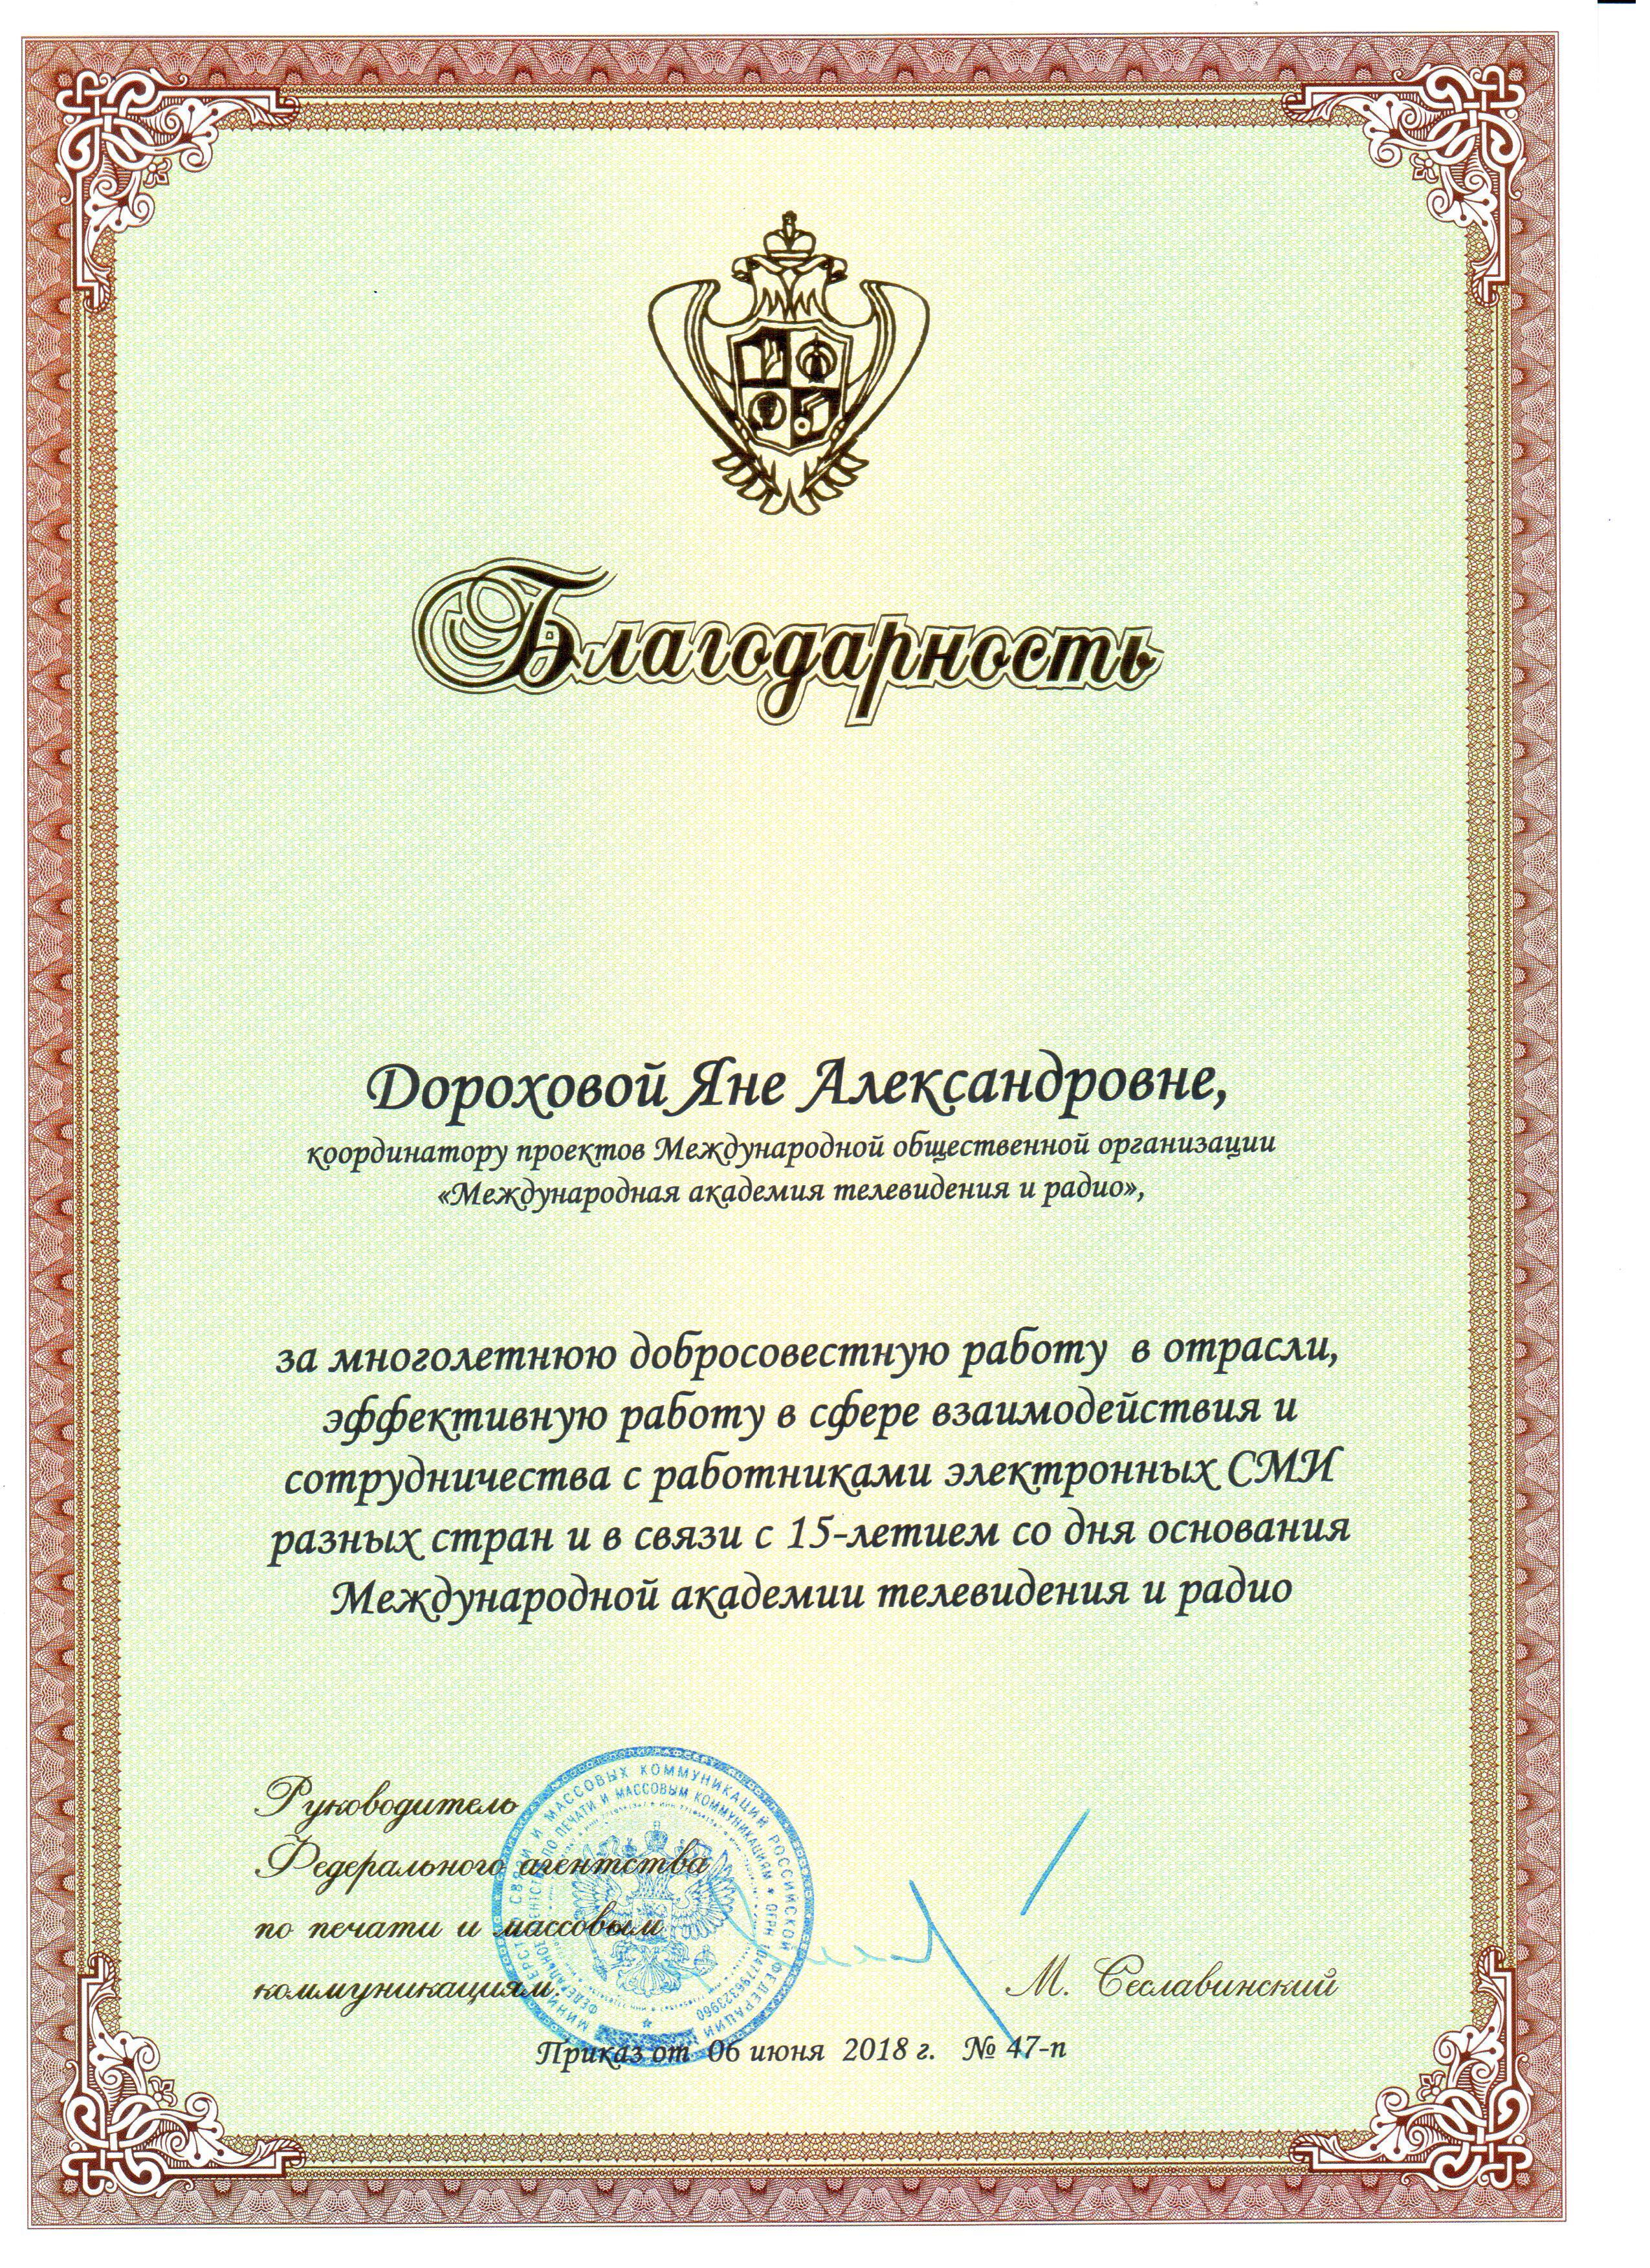 Благодарность Дороховой